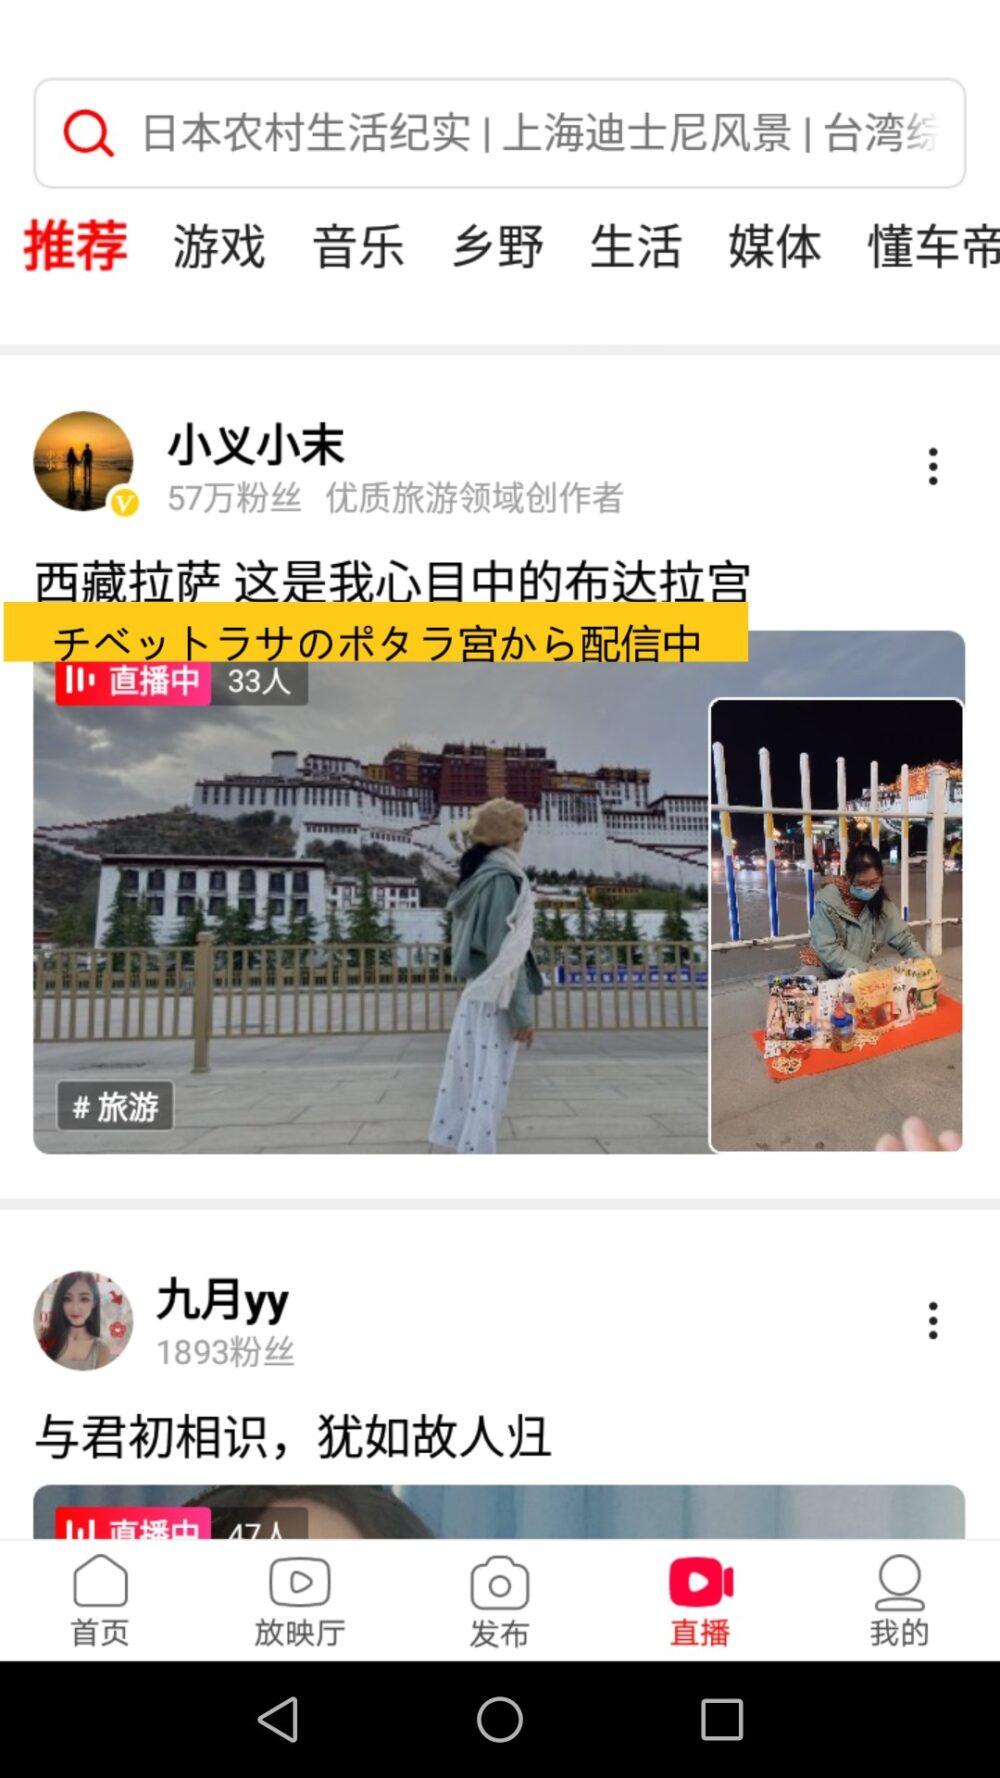 西瓜视频でチベットのラサからライブ動画を配信して物販をしている人のトップ画面のスクリーンショットの画像